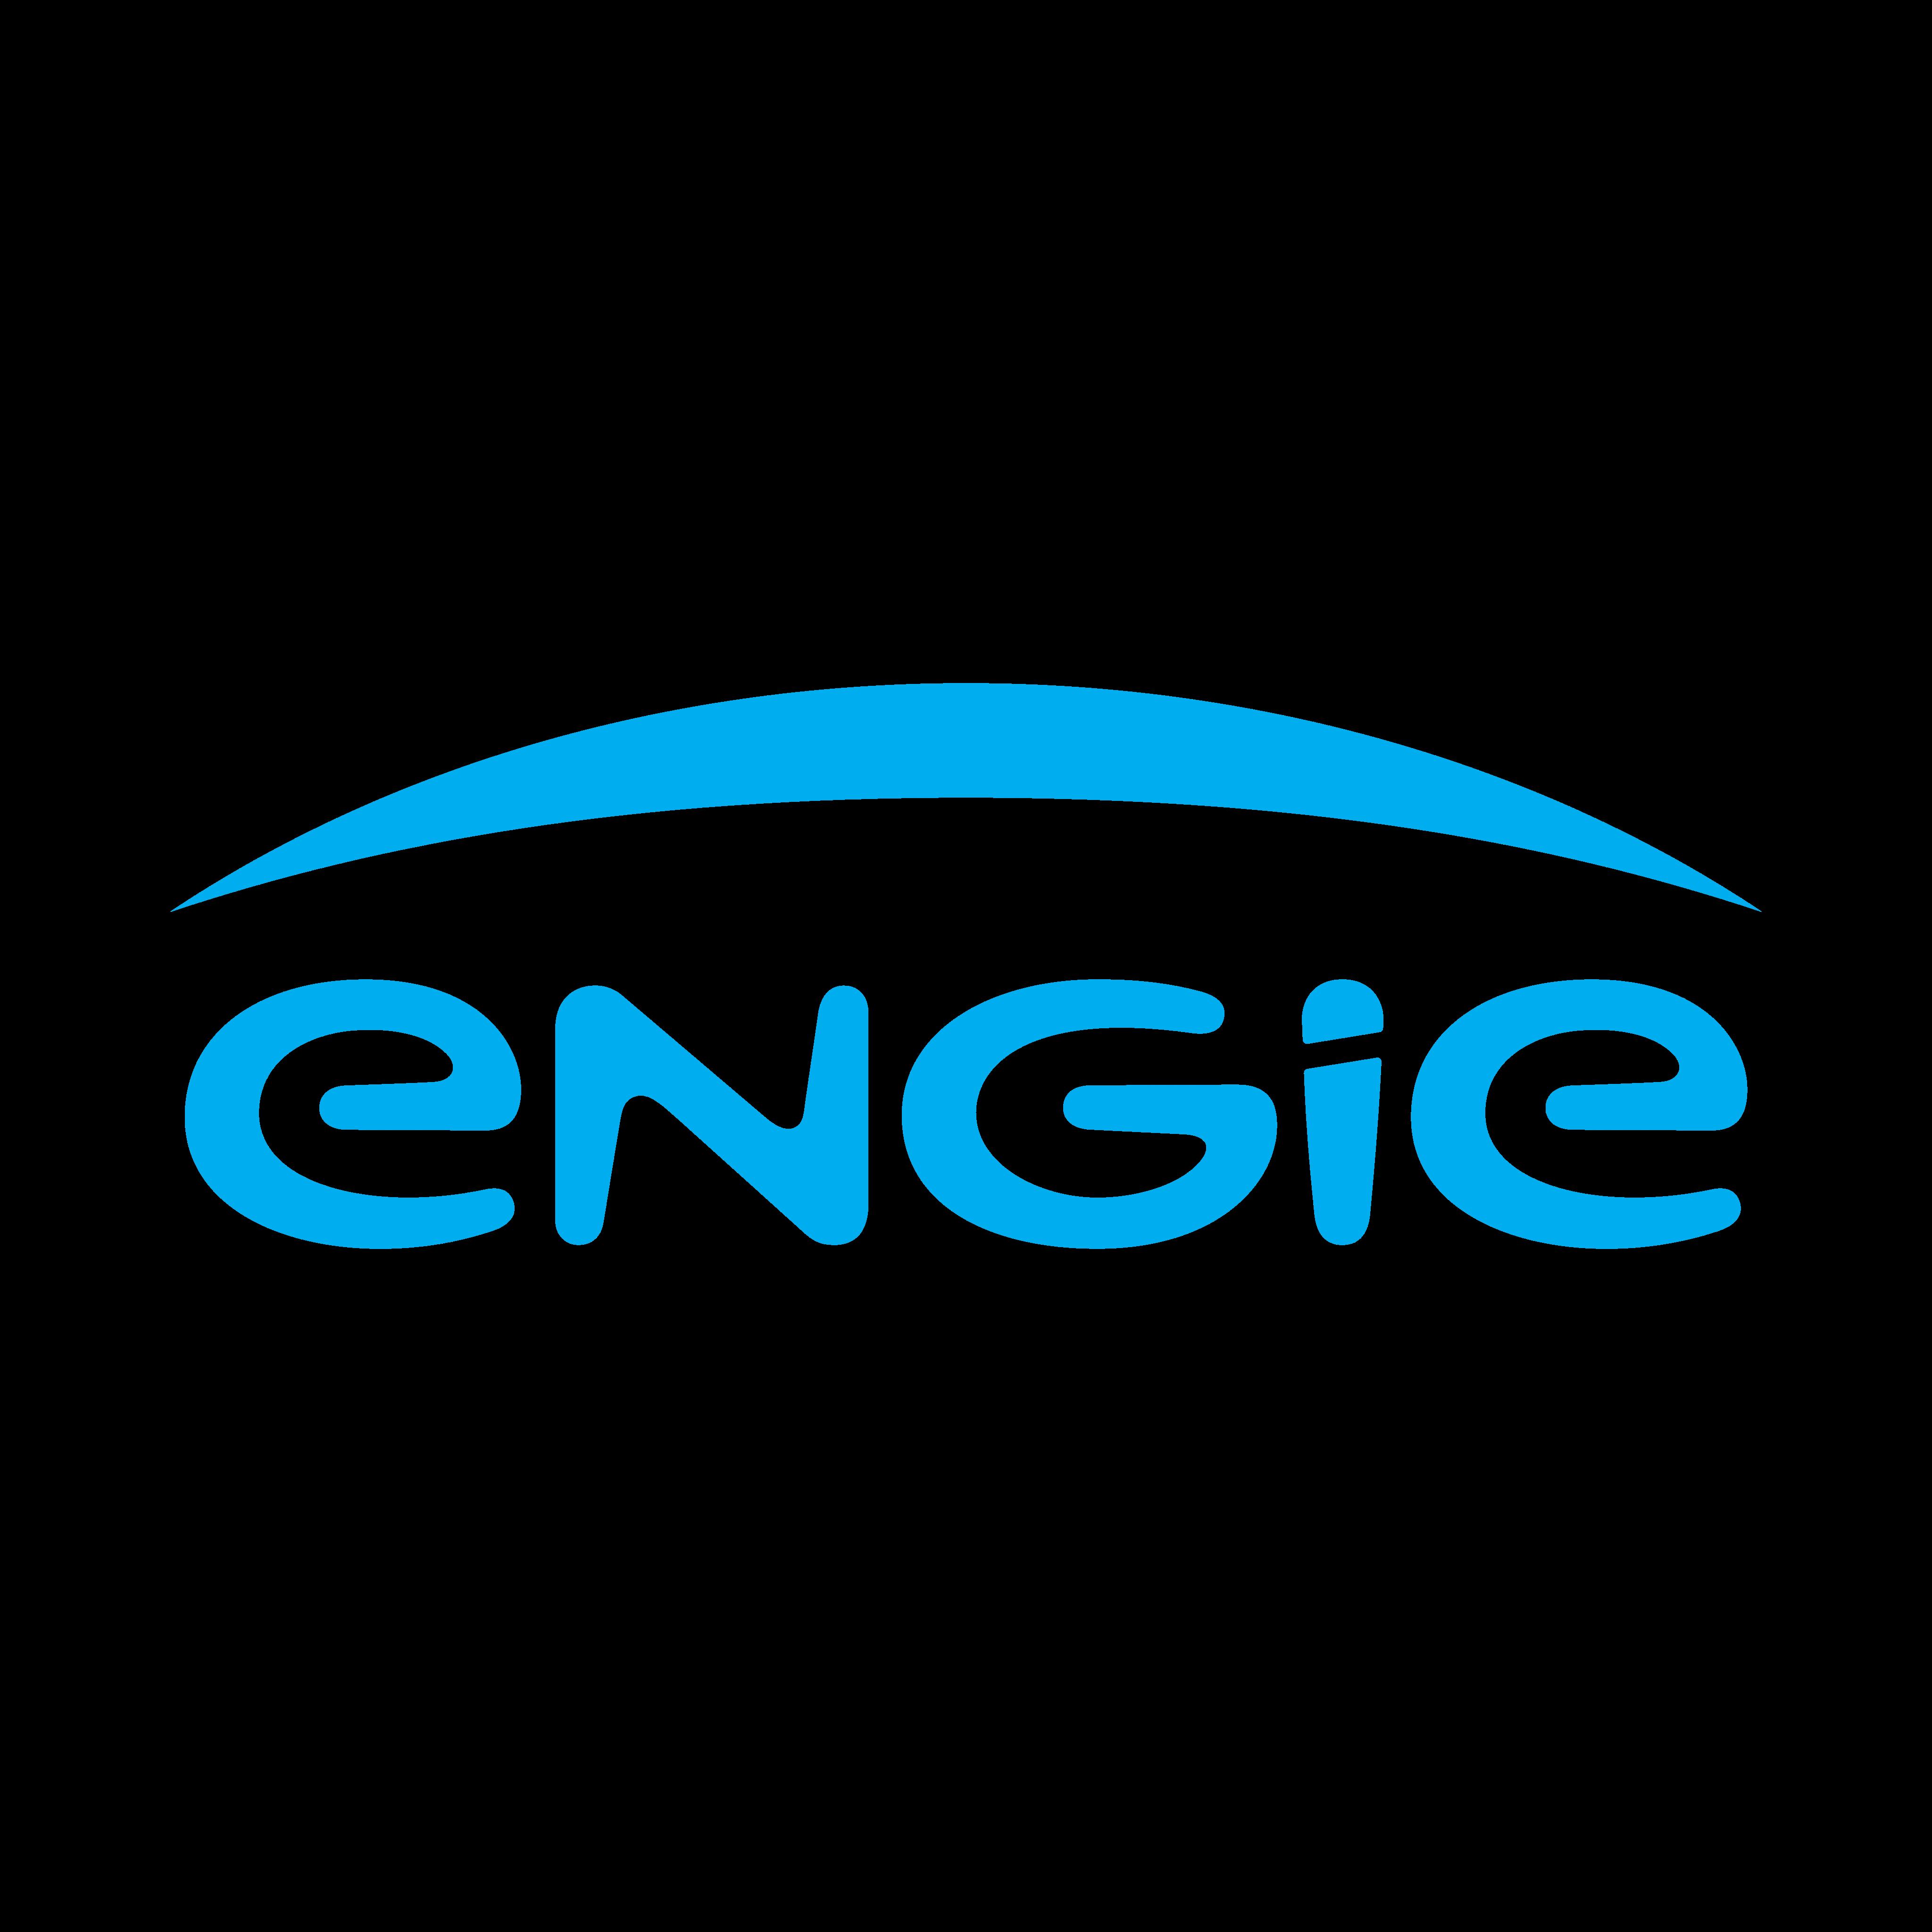 engie logo 0 - Engie Logo